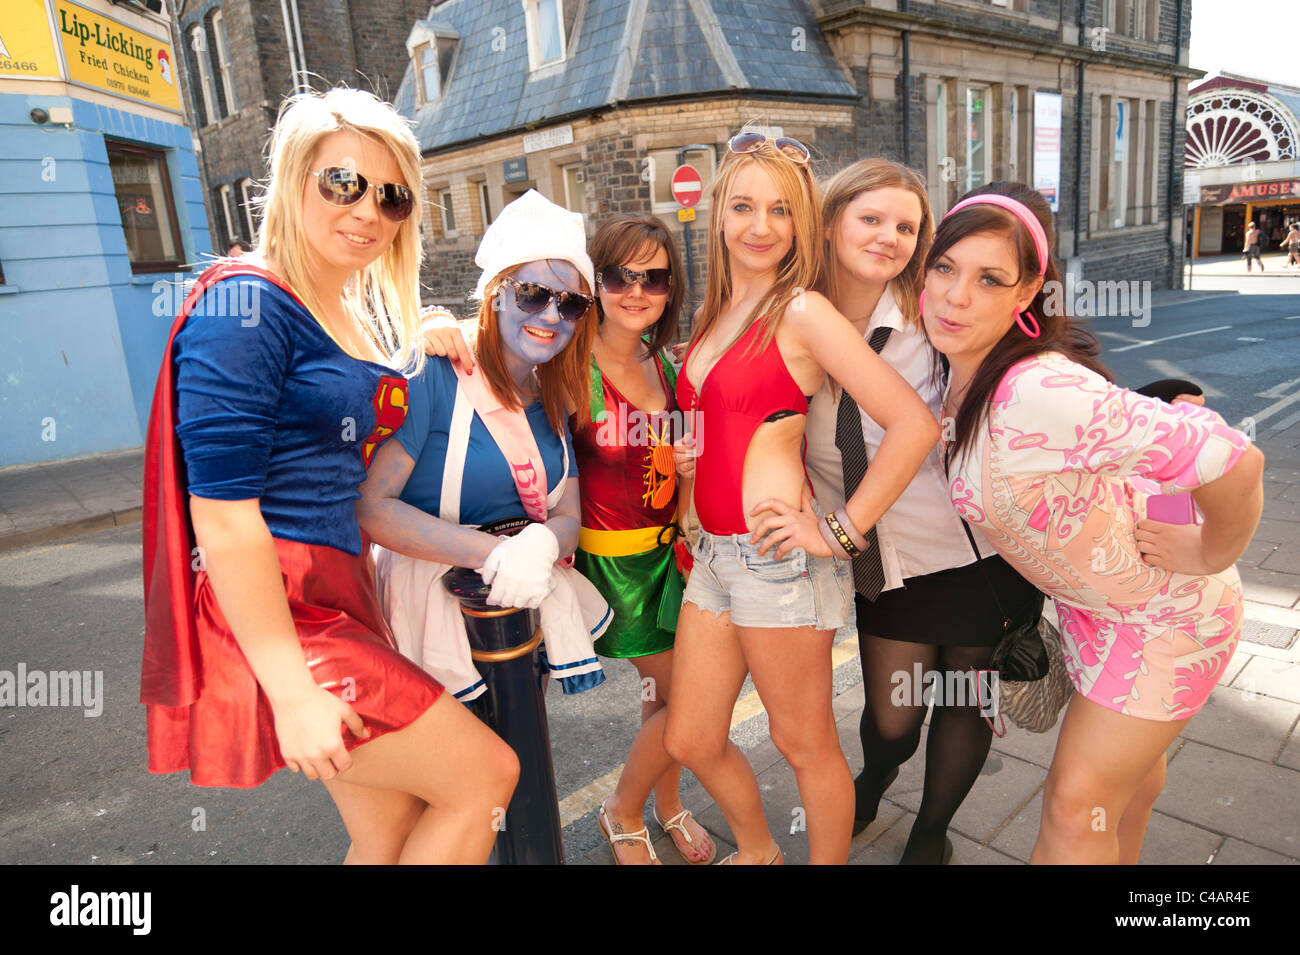 Eine Gruppe von 6 sechs junge Frauen verkleidet auf einem ...